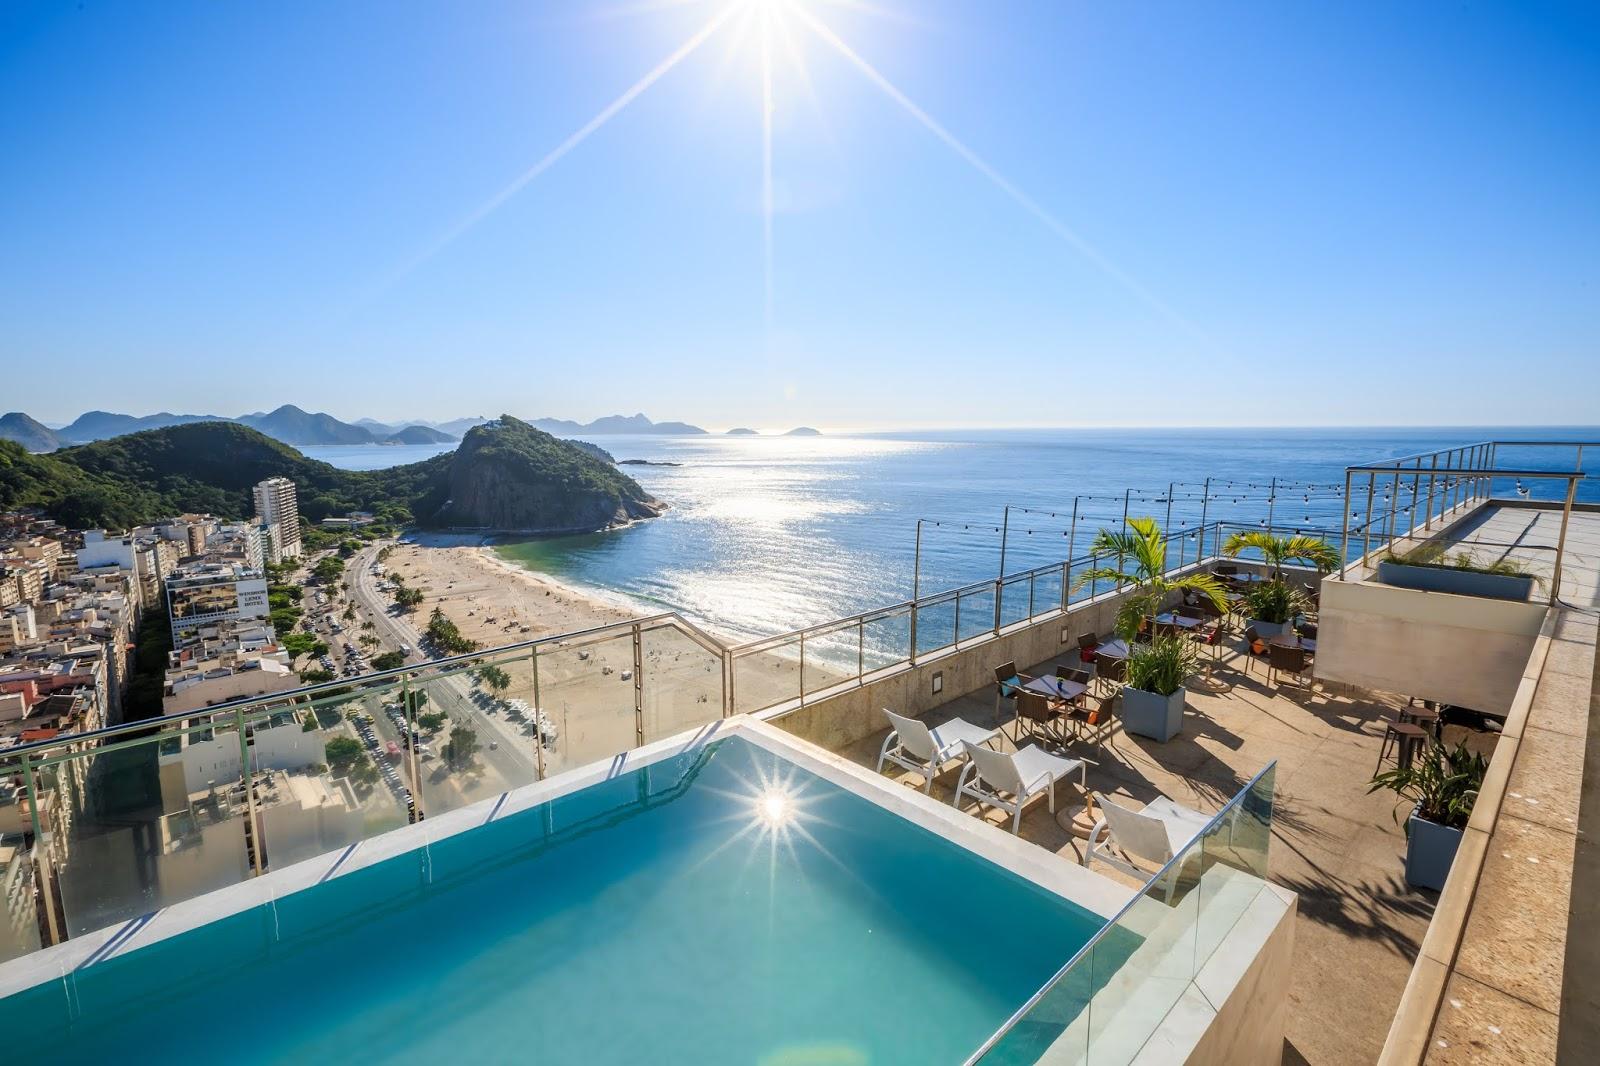 Hilton Rio de Janeiro Copacabana Hotel